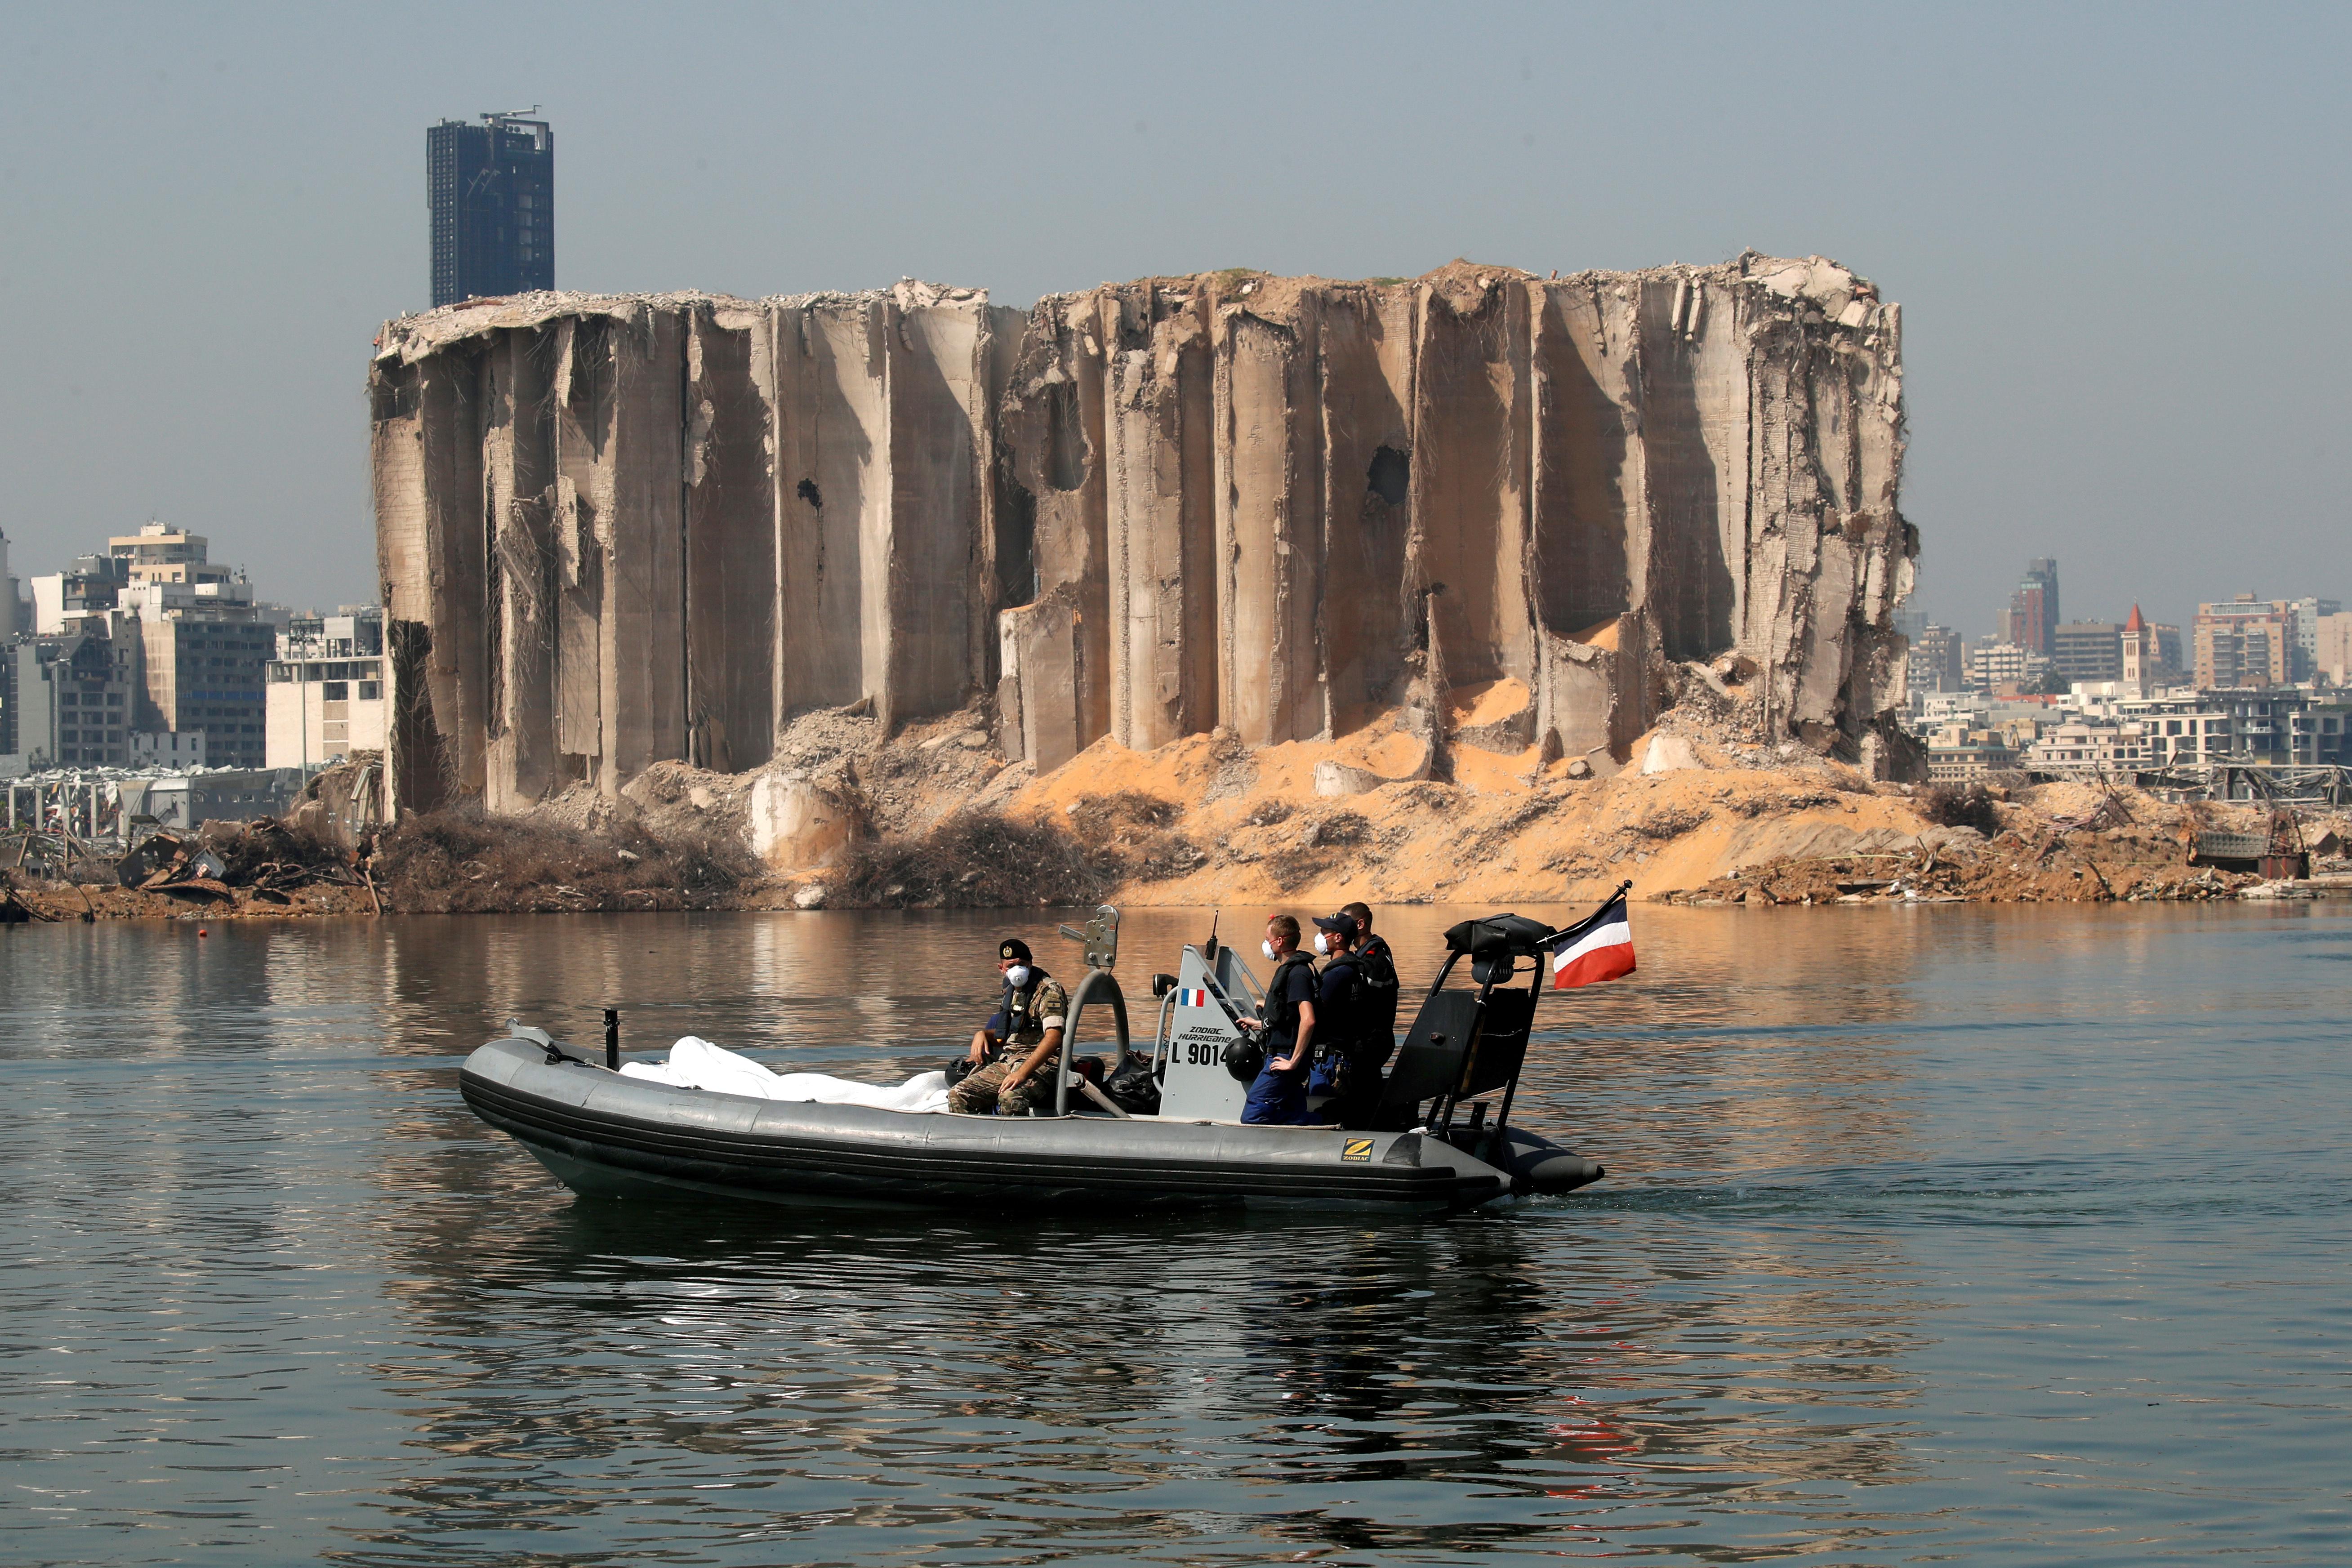 Ливан хочет арестовать российского владельца судна после взрыва в порту